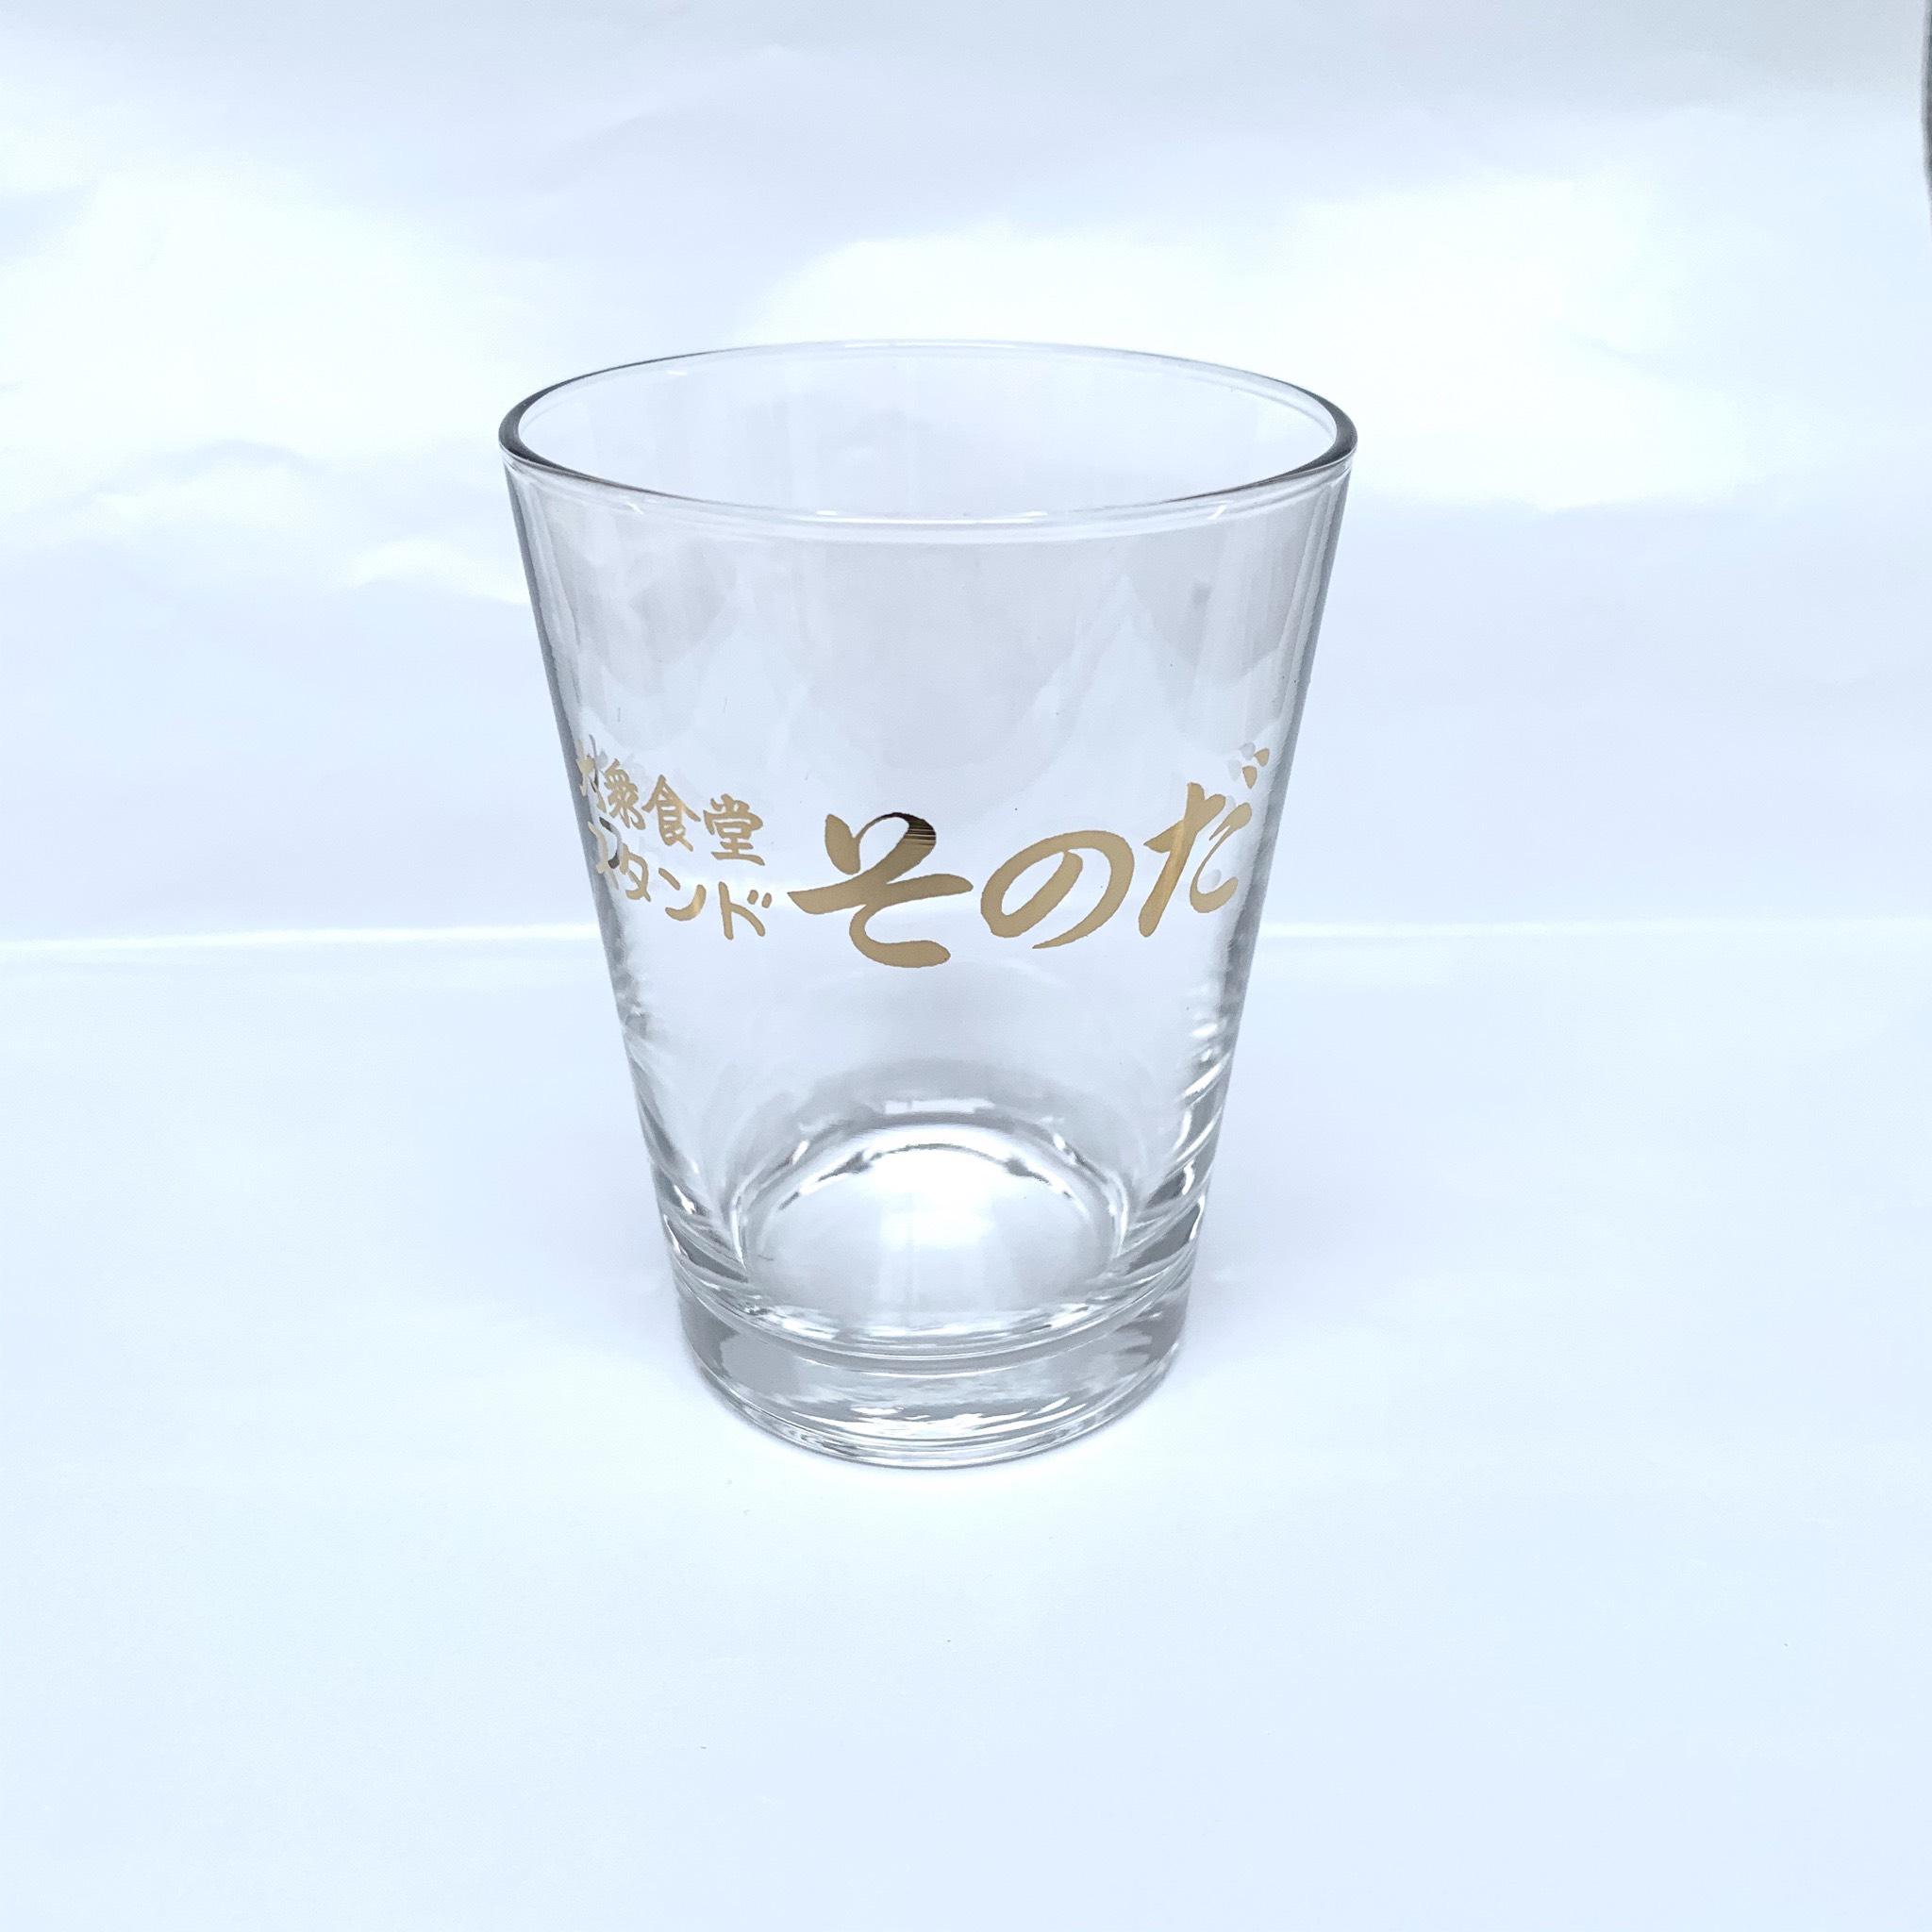 スタンドそのだ グラス 2COLOR